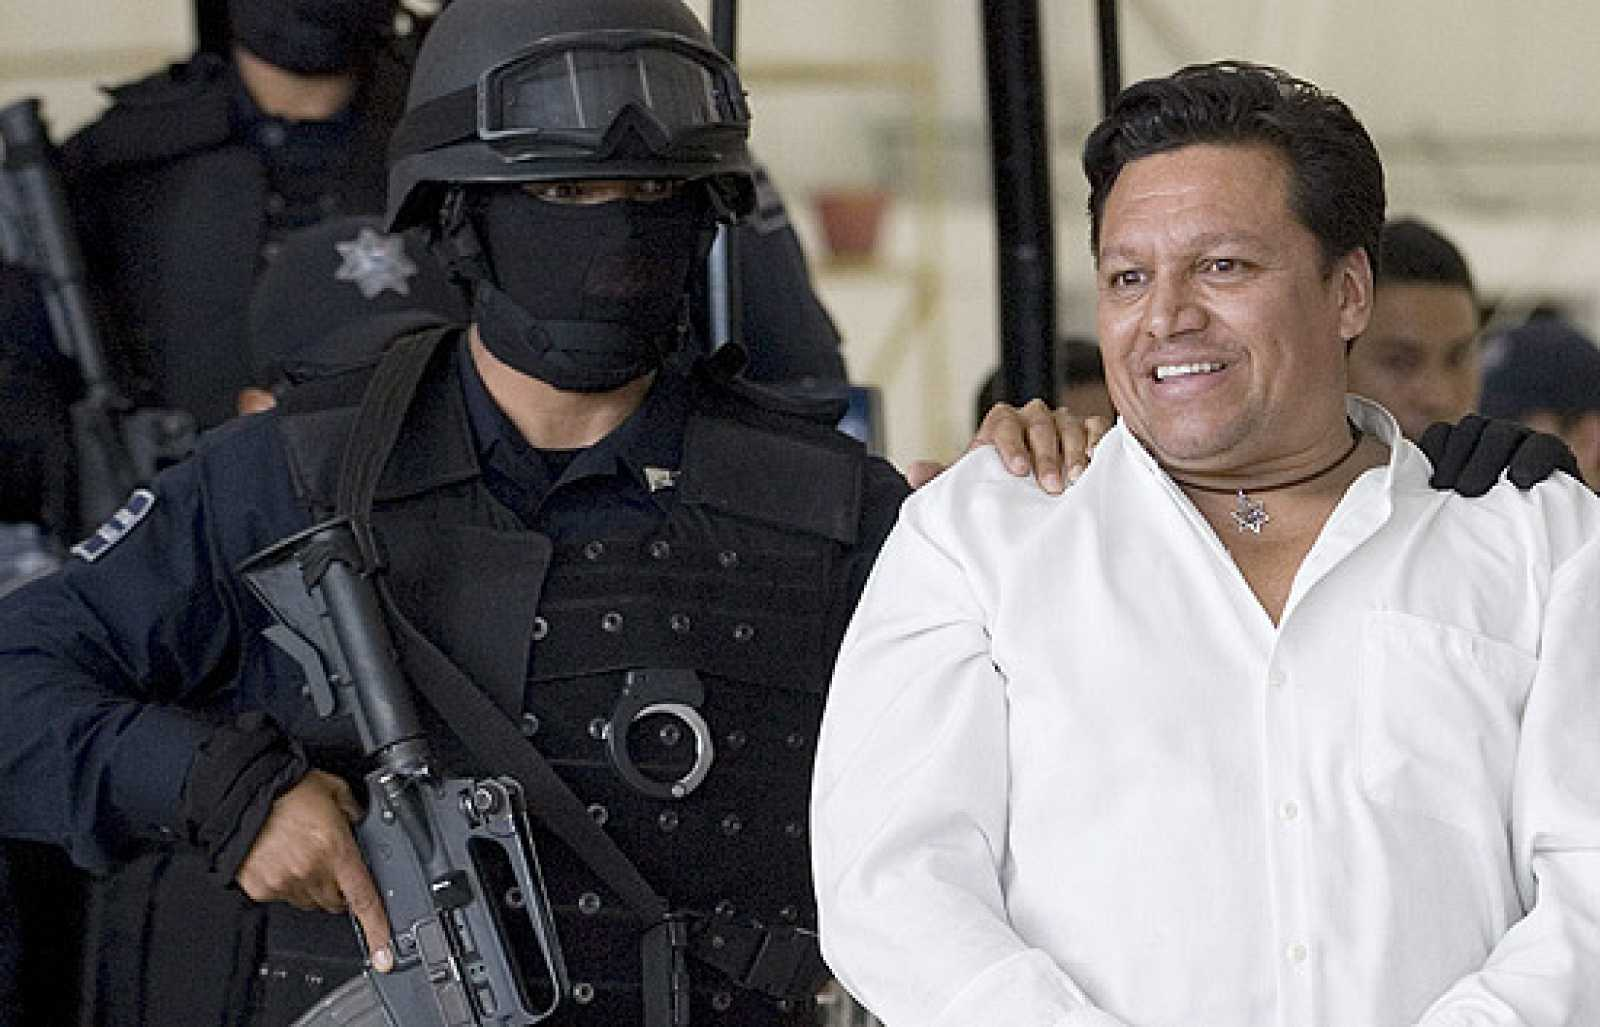 Un ciudadano boliviano llamado Josmar Flores Pereira ha sido detenido como presunto responsable del secuestro en la capital mexicana del avión de Aeroméxico procedente de Cancún, con 104 pasajeros a bordo. (10/09/09)